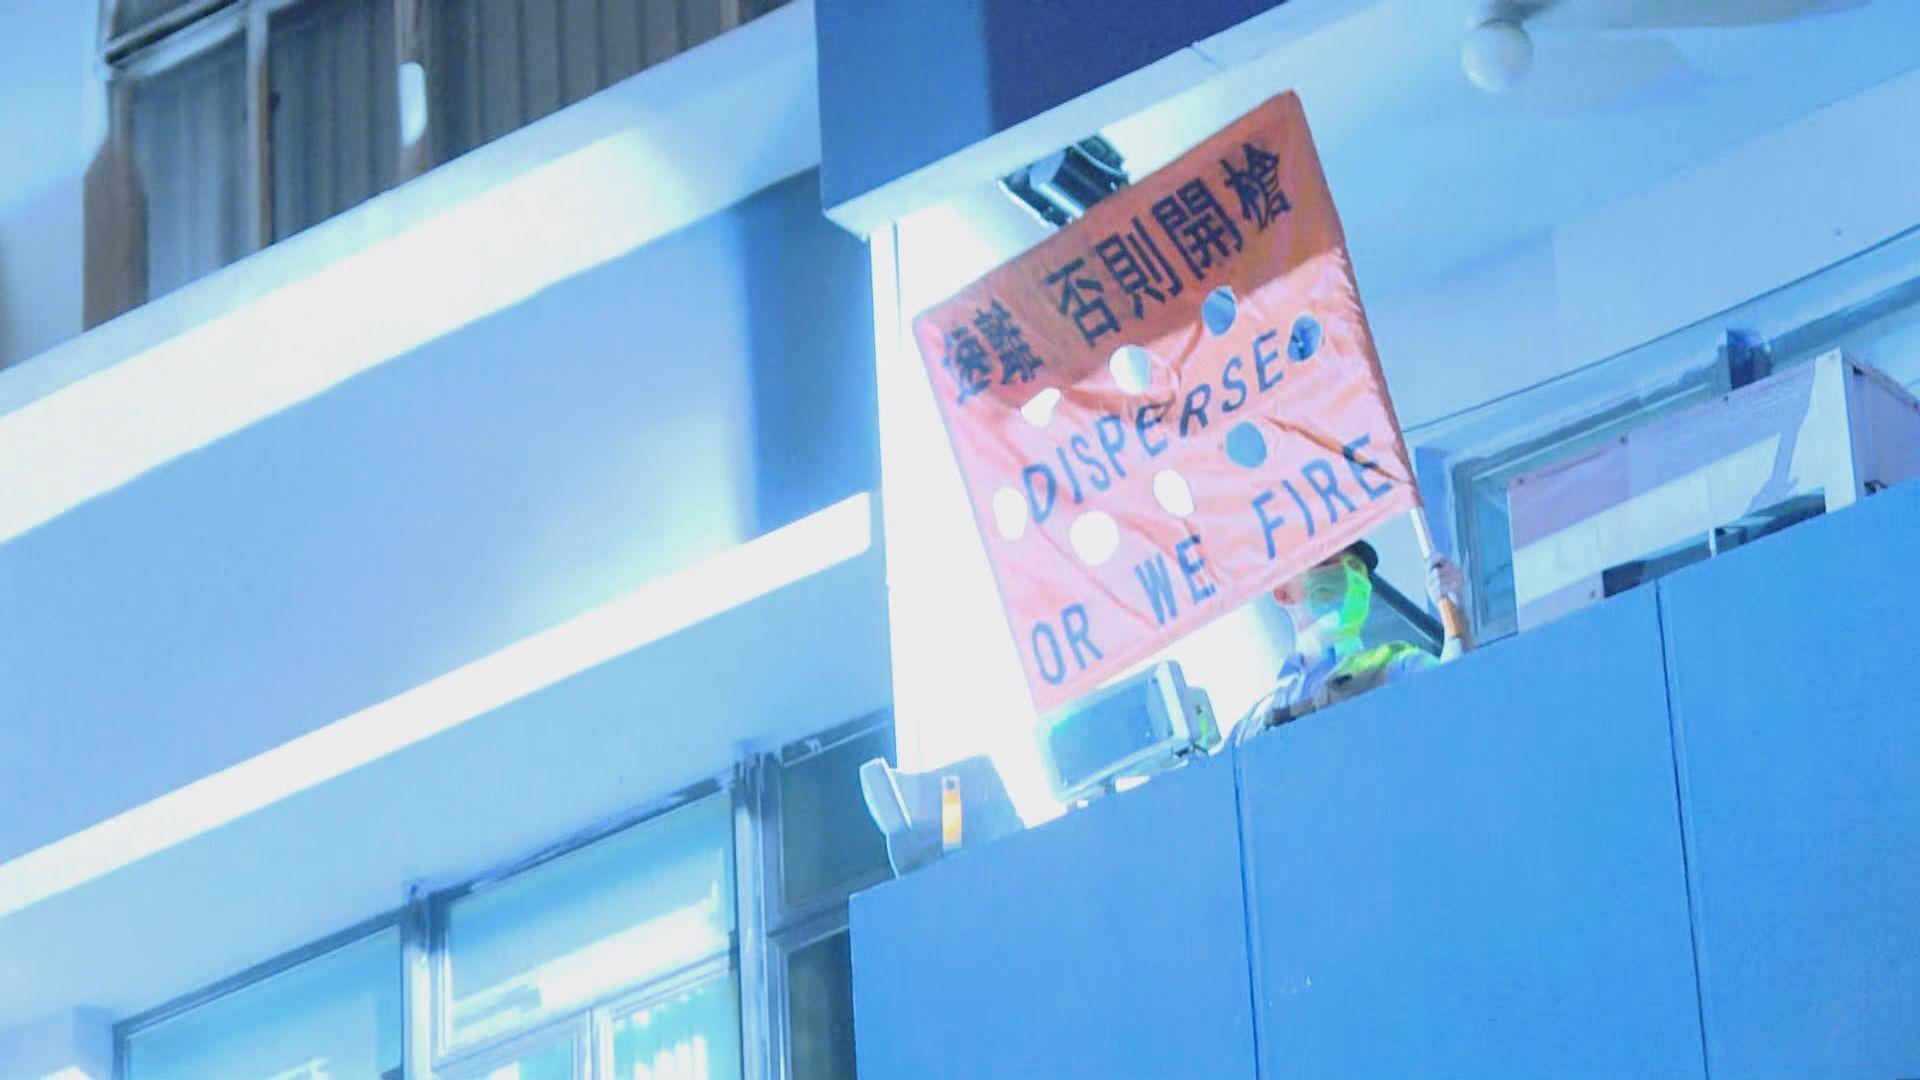 【831半周年】太子站外有人群聚集 警方一度舉橙旗